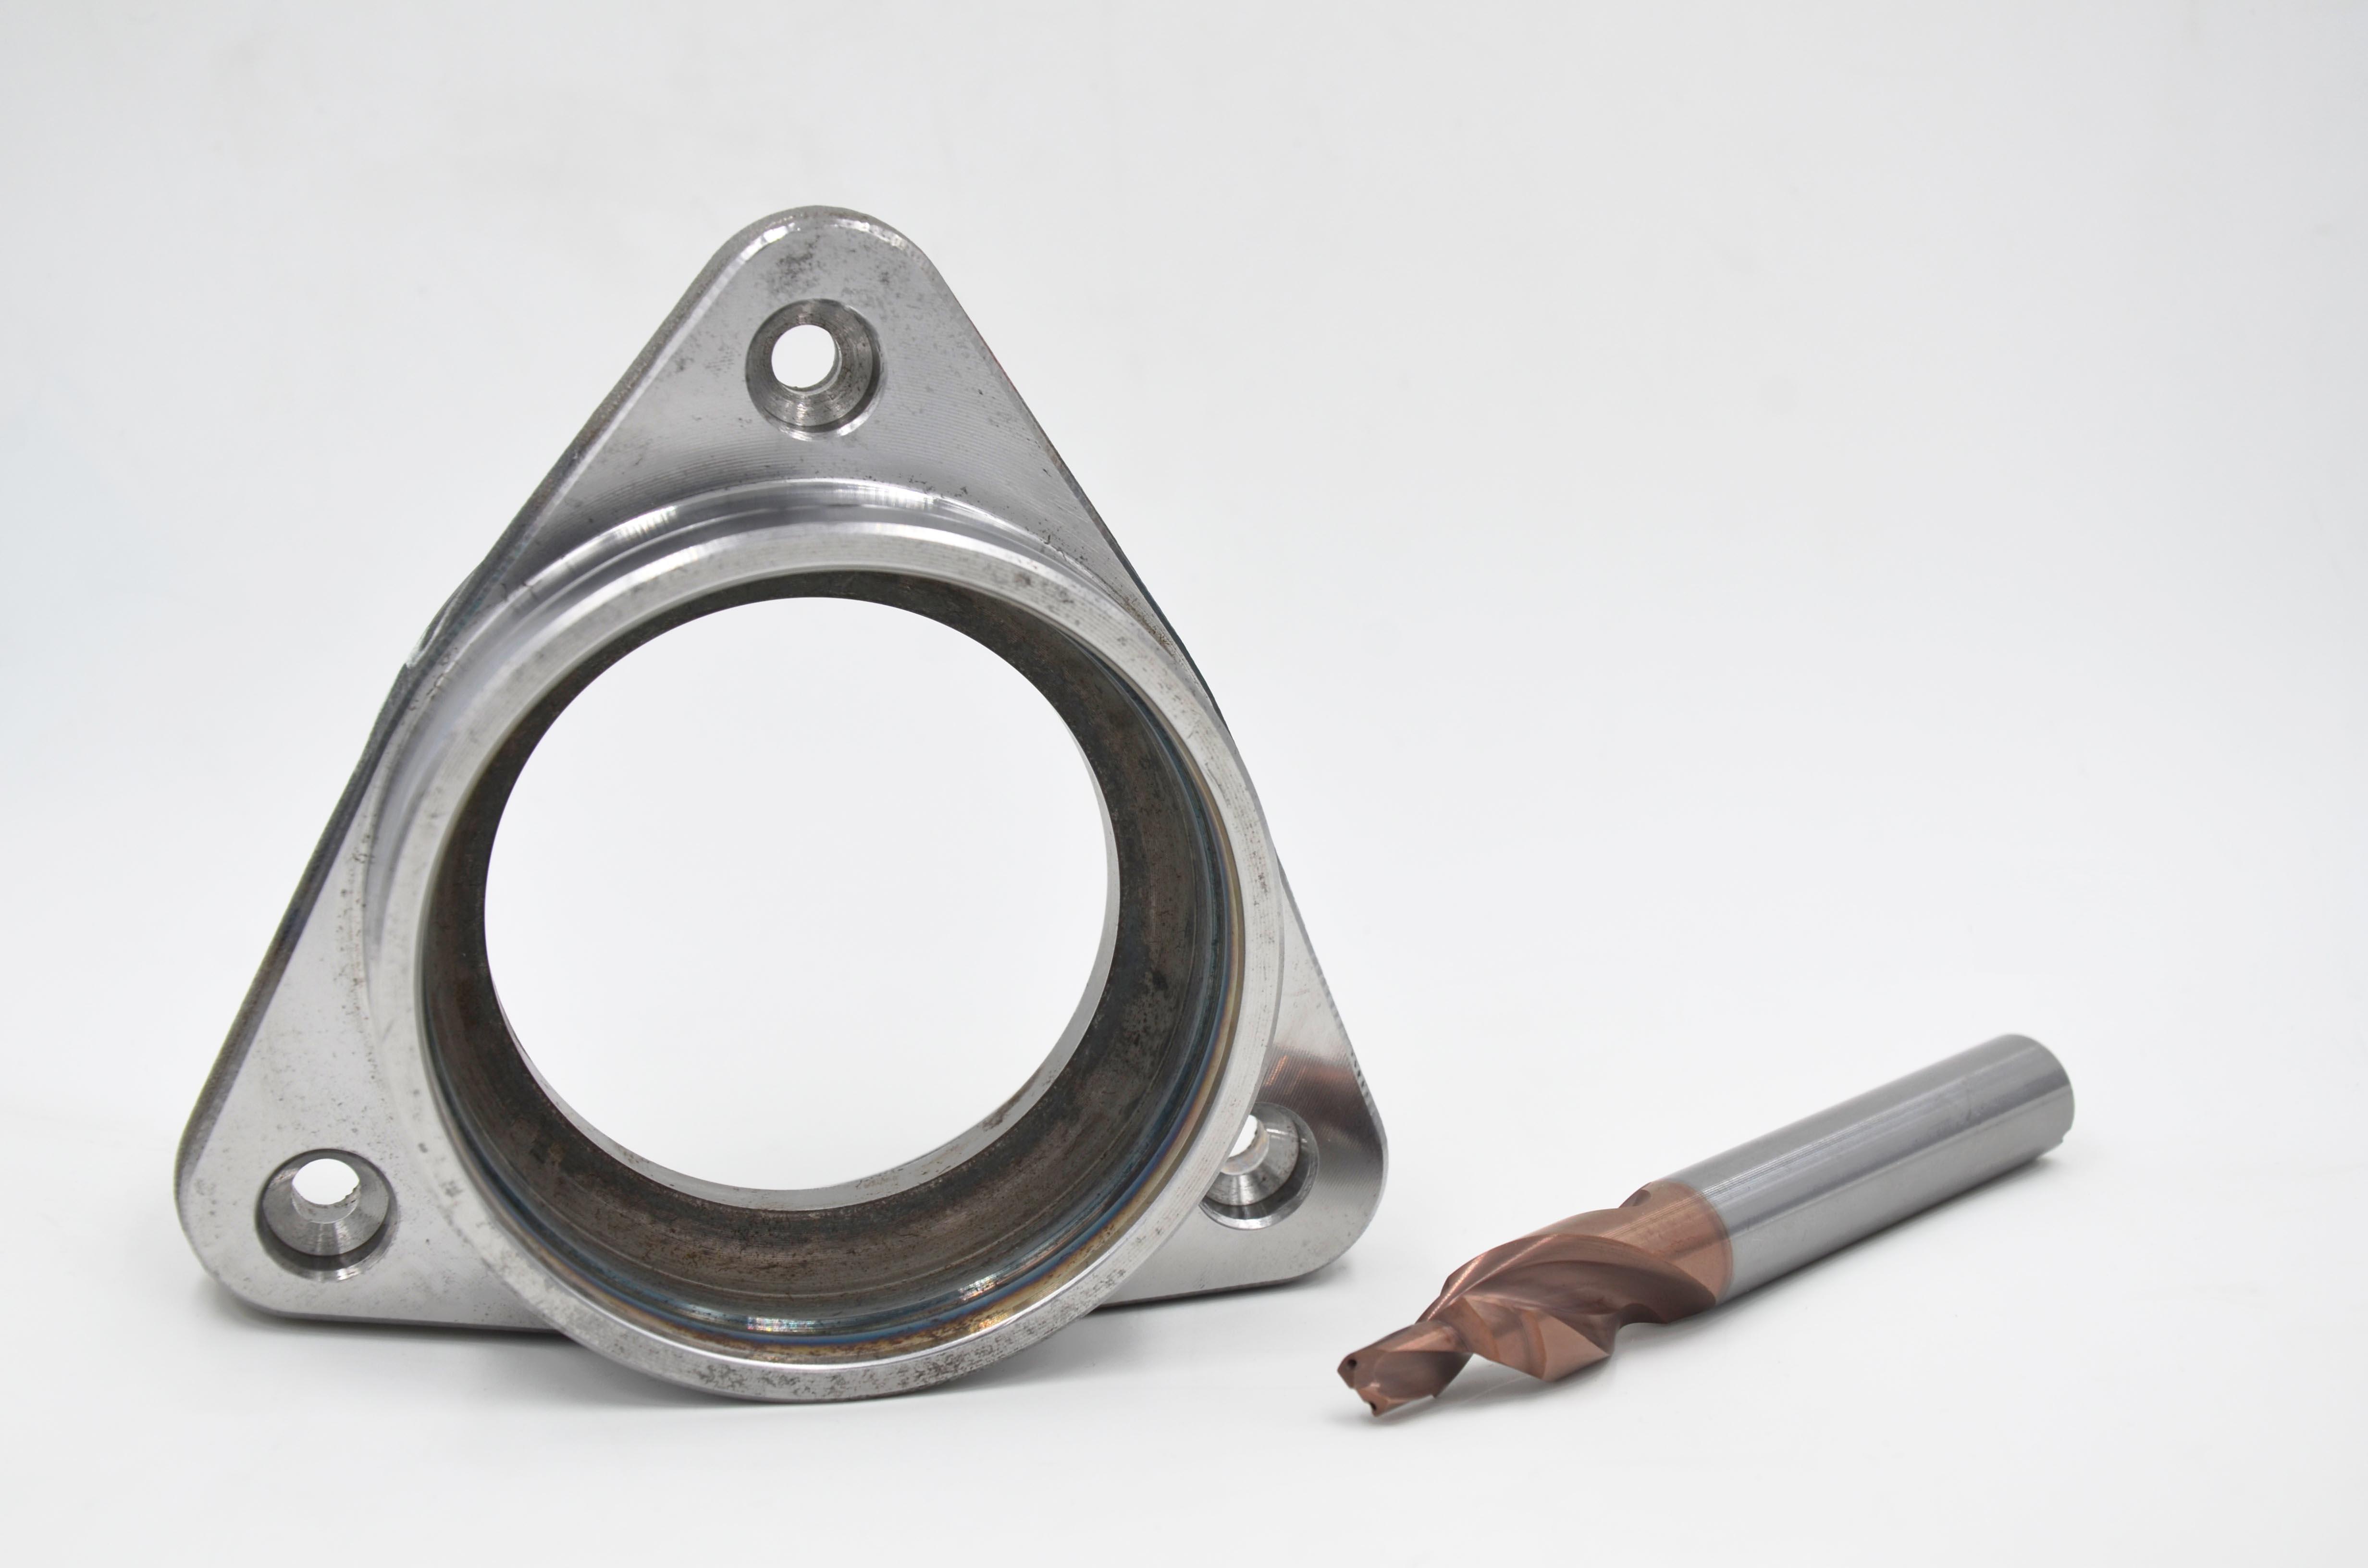 汽车轮毂轴承单元是汽车传动系统中的重要组成部分,随着汽车市场竞争越来越激烈,高品质轮毂轴承的制造也提出了增效降本的苛刻要求。 以前的轮毂轴承外圈法兰螺纹孔的孔壁粗糙度只要能达到Ra6.3就可以了,欧系品牌的高档车却提出了更高要求:新设计的轮毂轴承外圈法兰对阶梯孔壁、台阶面与孔口倒角的表面粗糙度的要求提高到了Ra1.